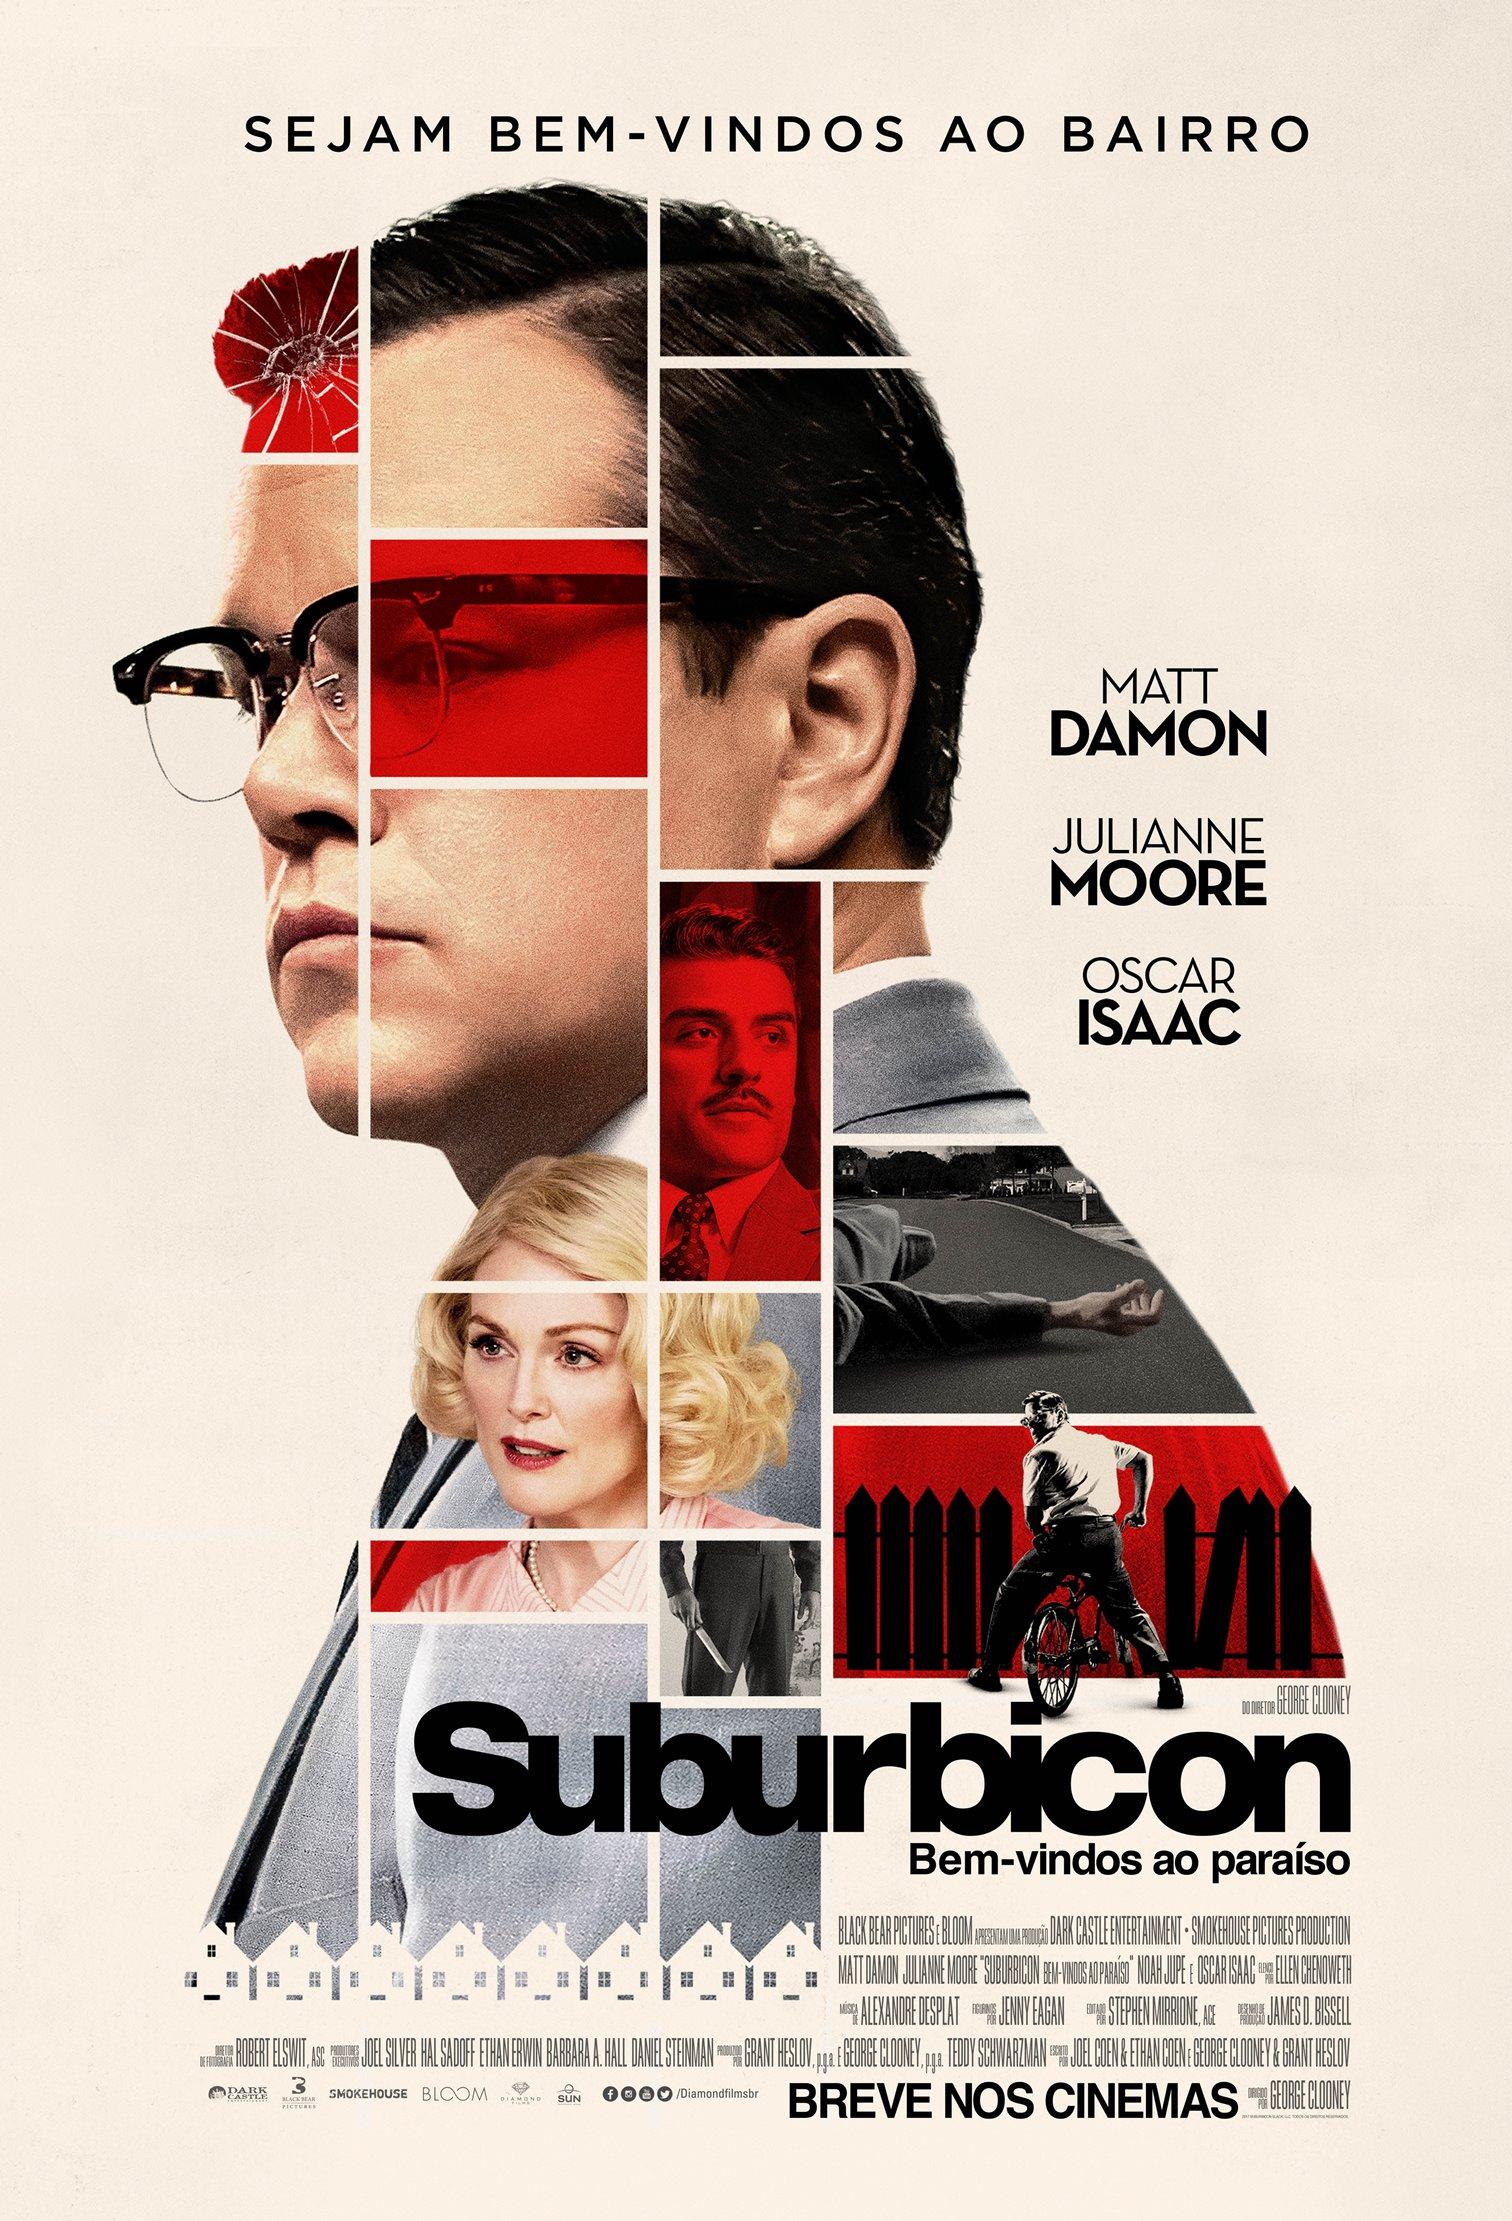 Suburbicon: Bem-vindos ao Paraíso - Filme 2017 - AdoroCinema